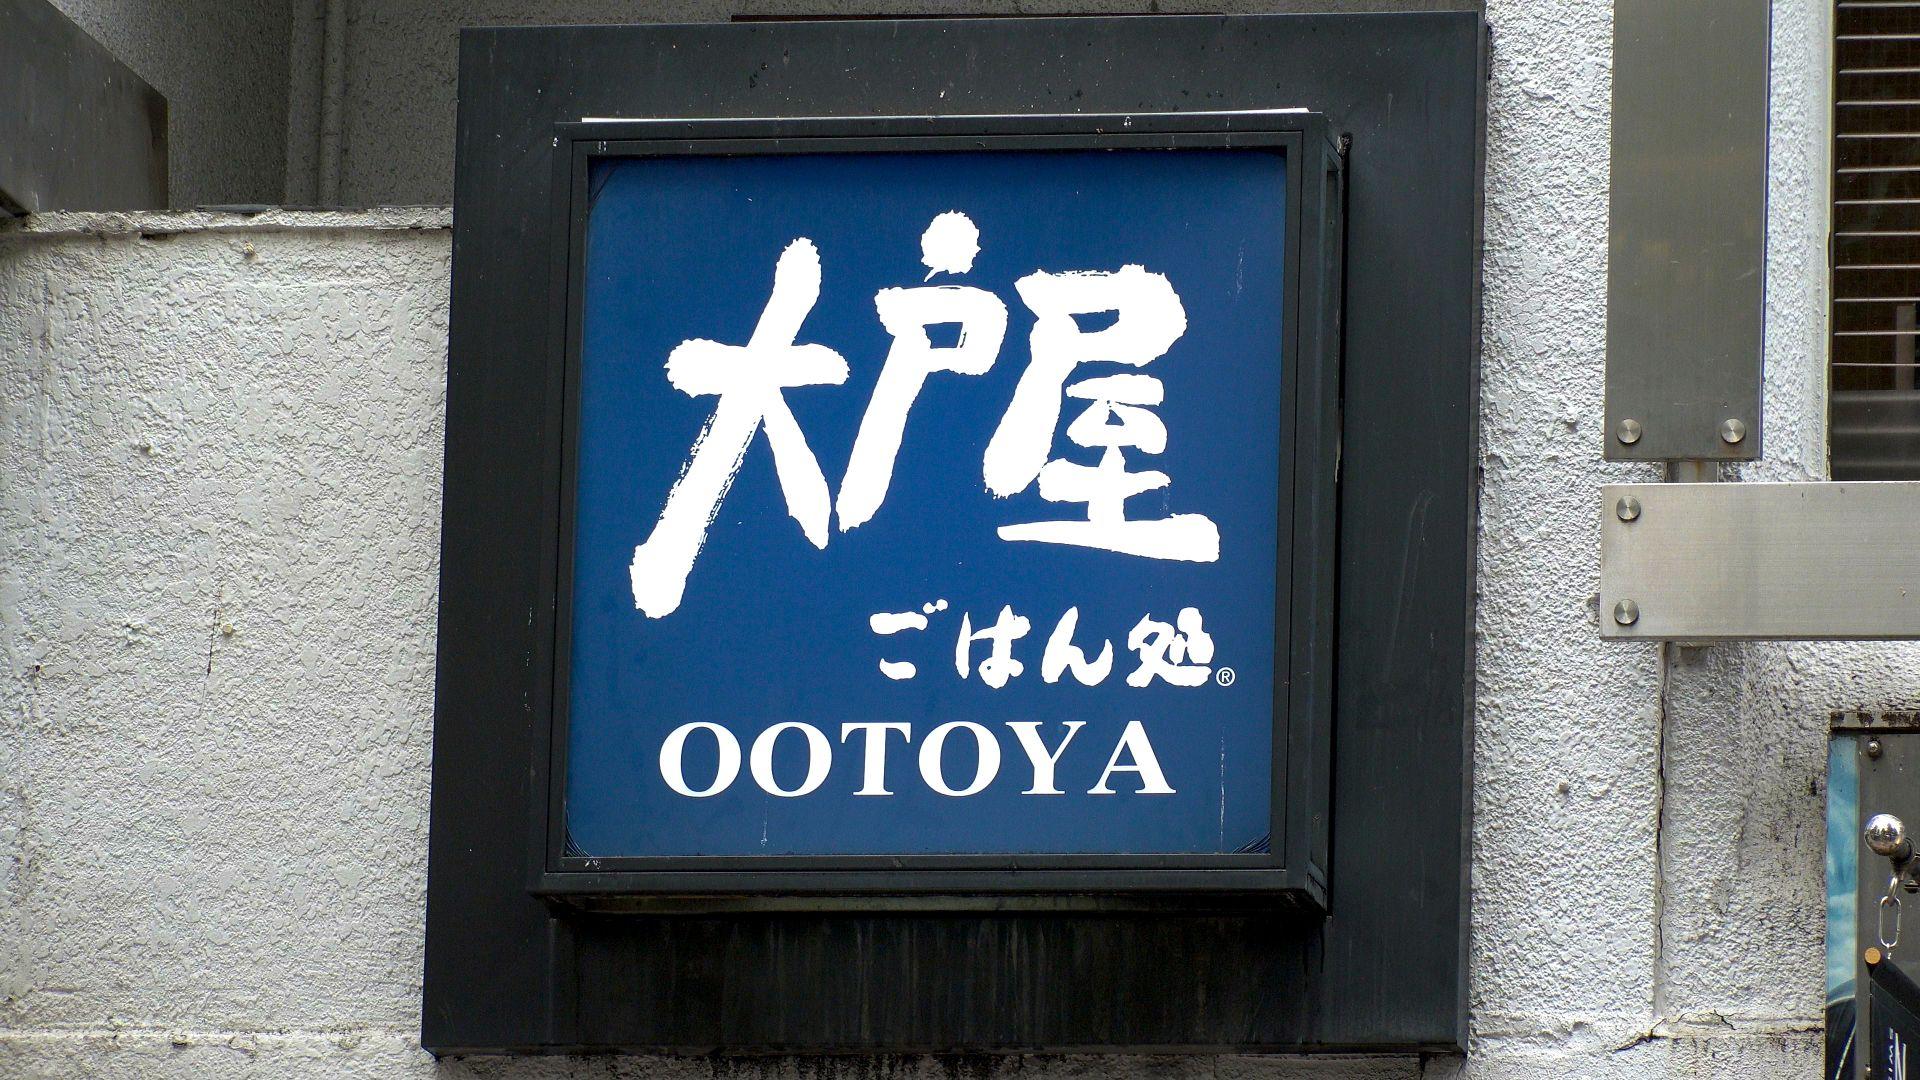 因為三名員工 日本連鎖名店將停業一天、高層扣薪10%